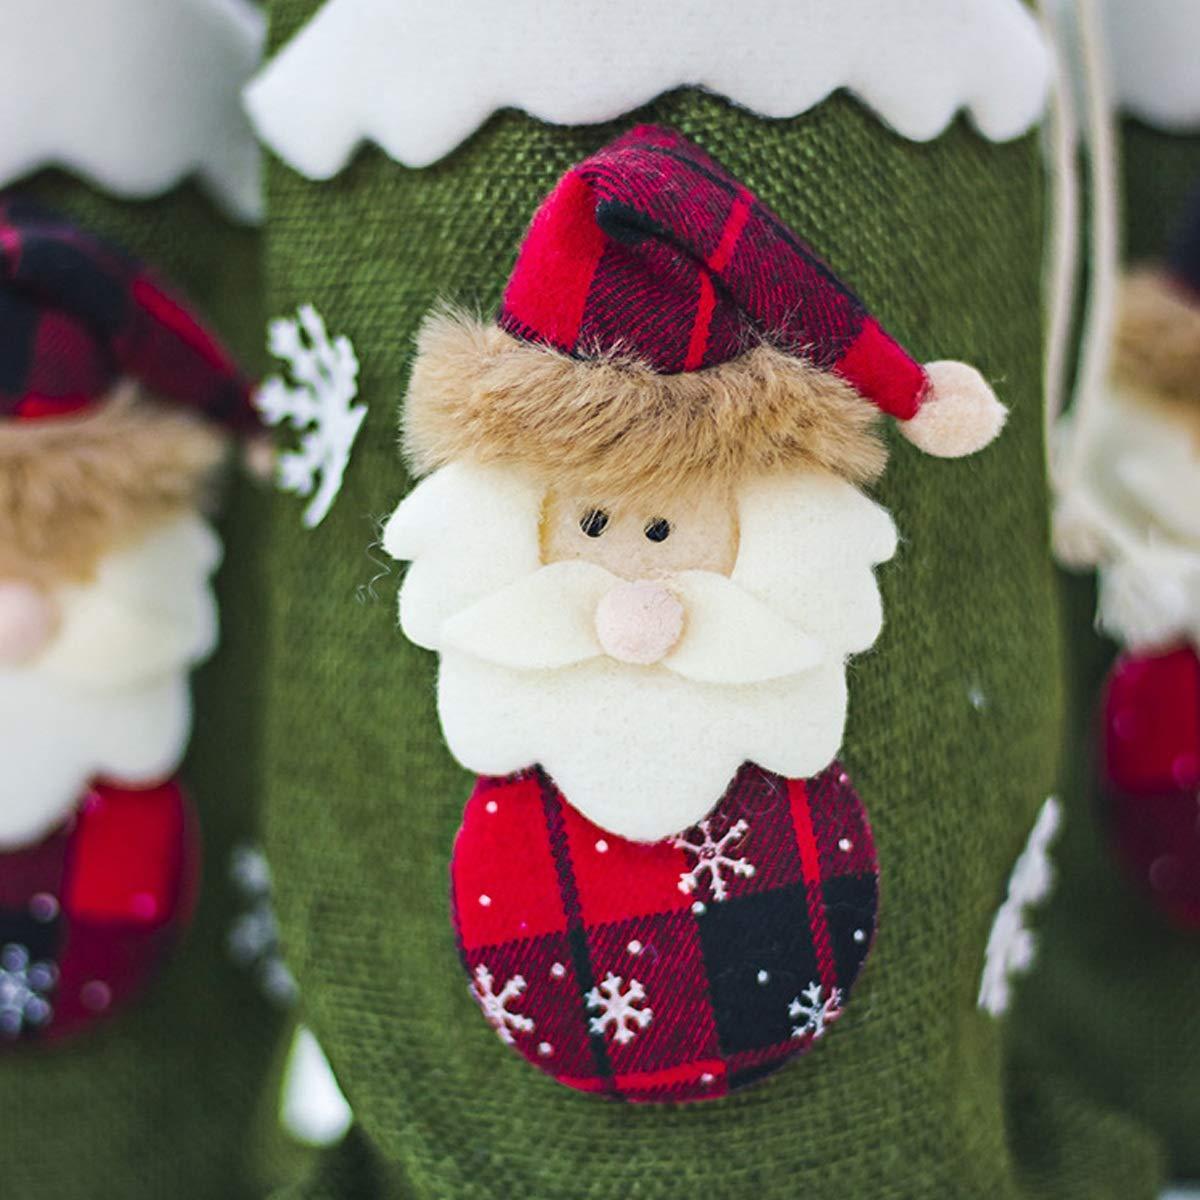 PeiXuan2019 Cubiertas de Botellas de Vino Tinto de Navidad Vajilla Decoración de Mesa Adornos Decoración Navidad Papá Noel (Color : Green): Amazon.es: ...